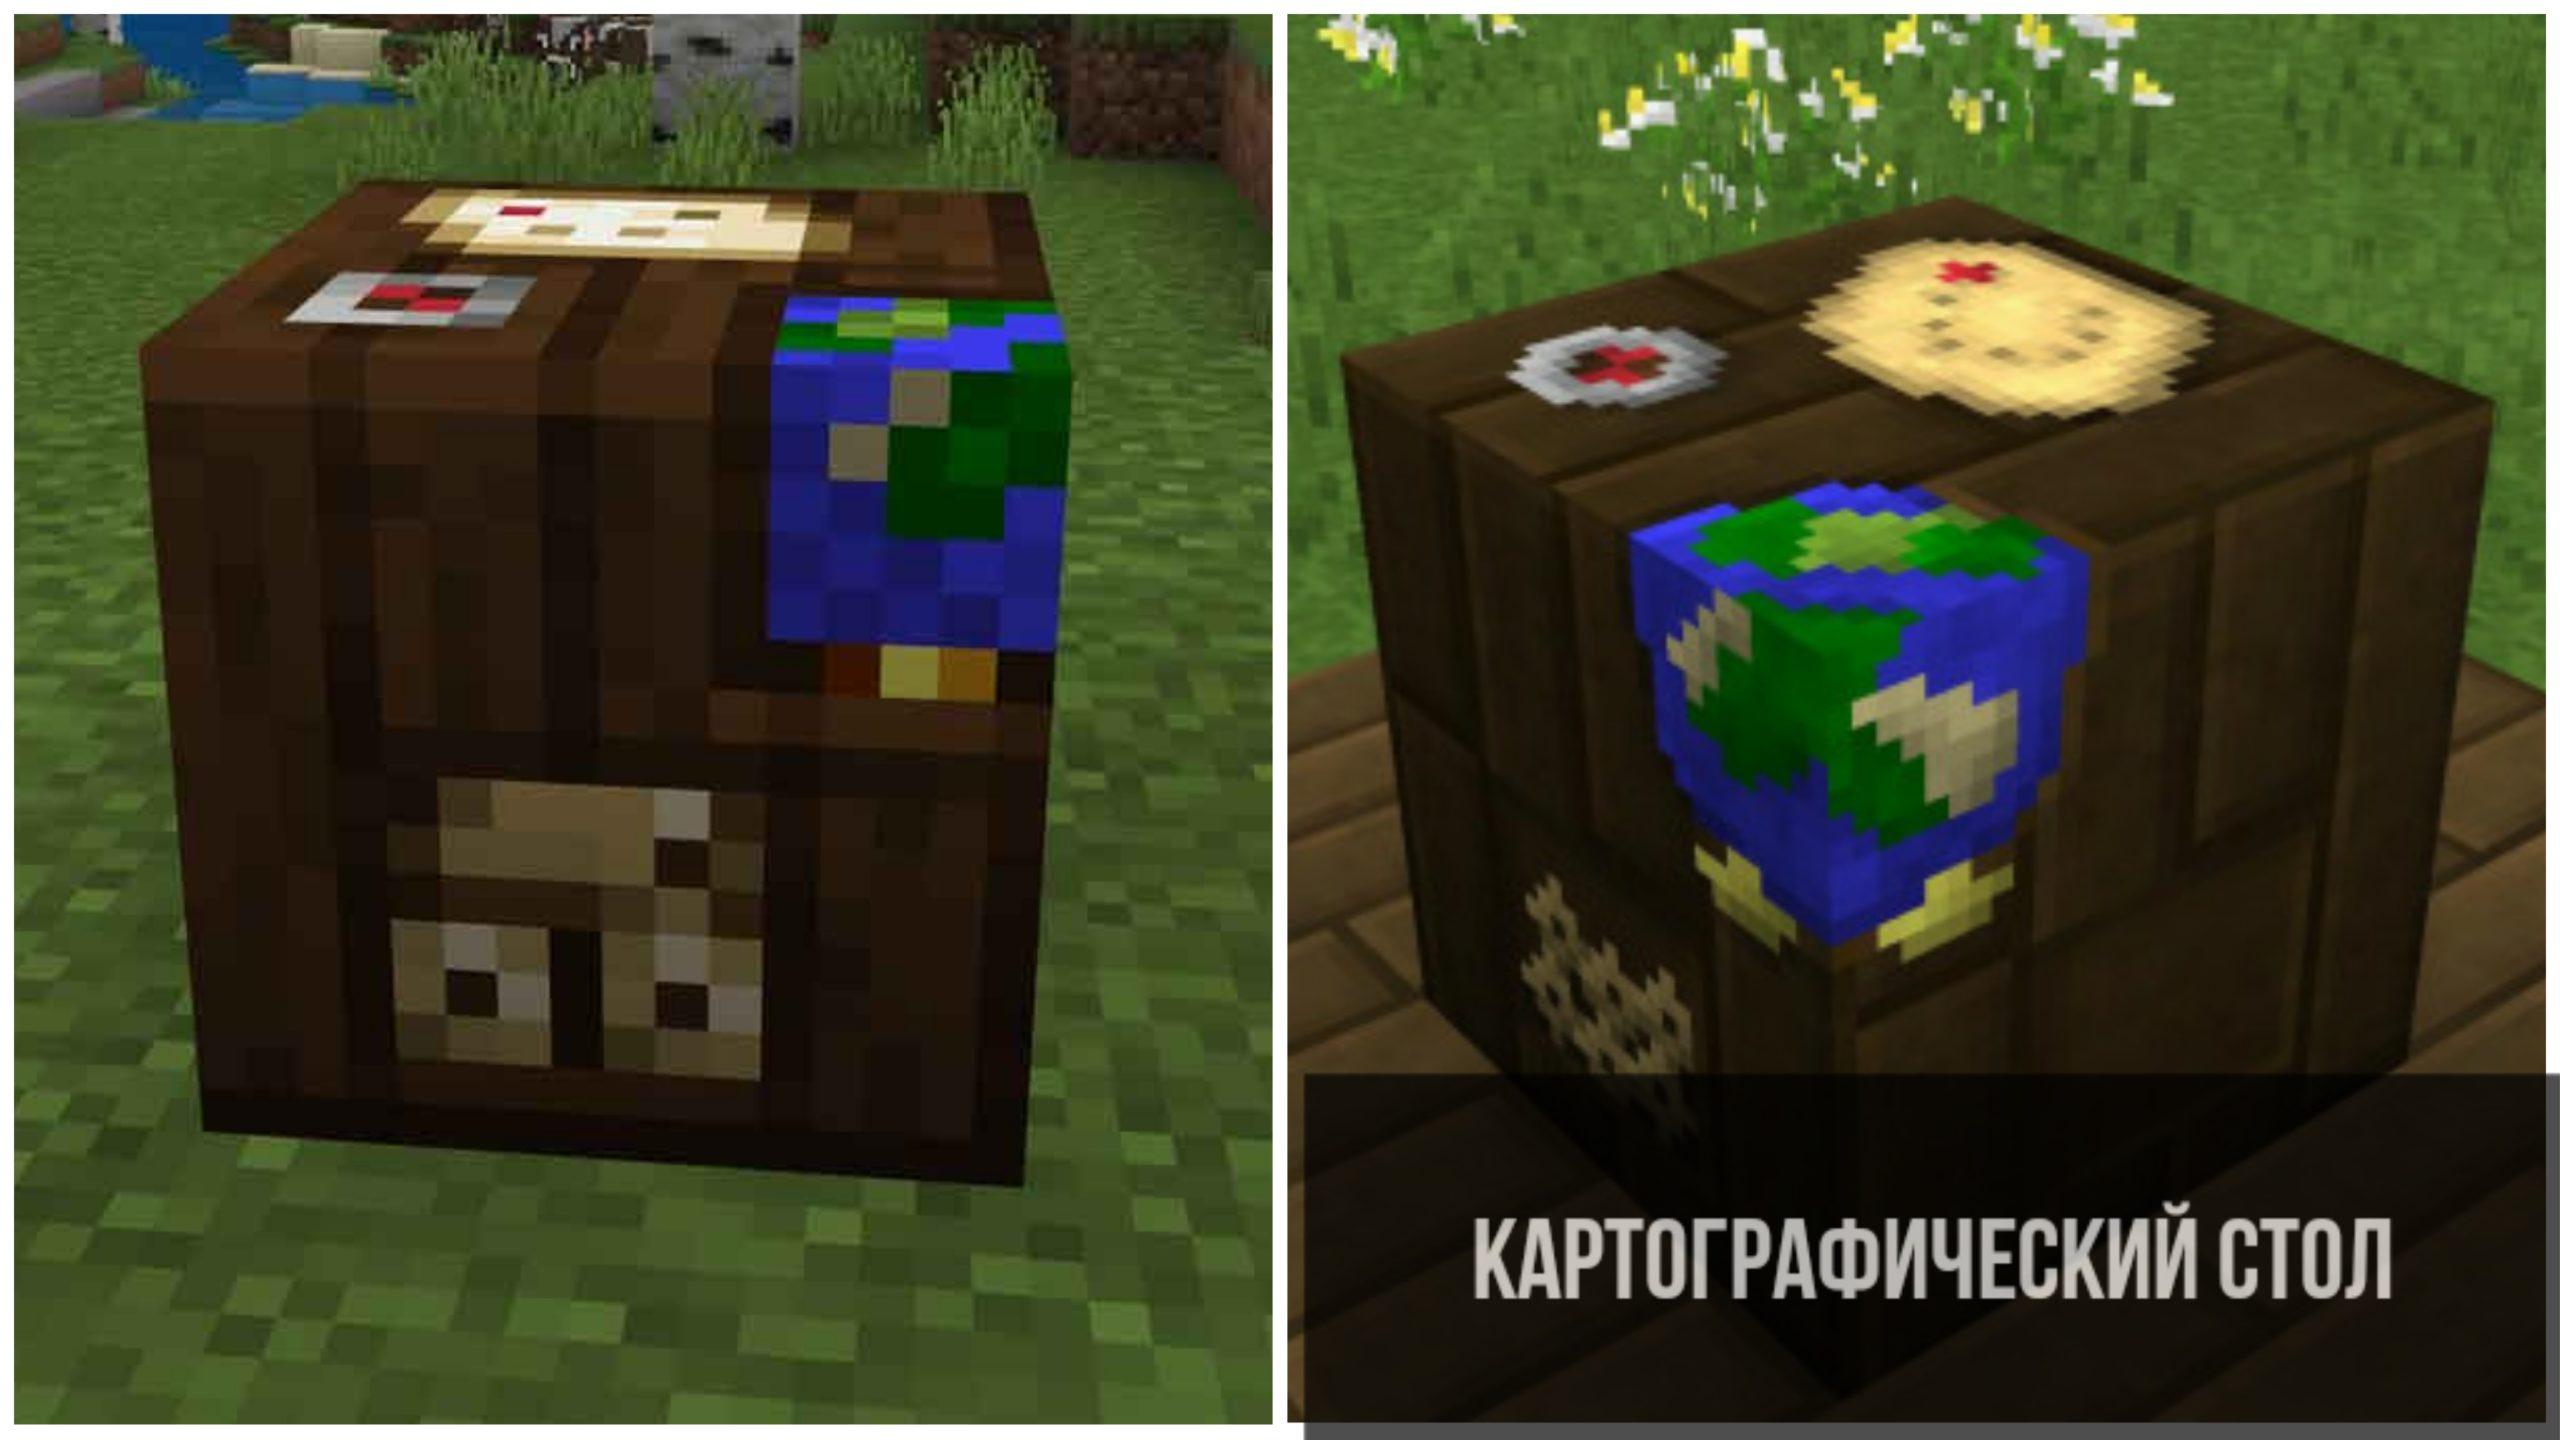 Картографический стол в Minecraft PE 1.11.0.1